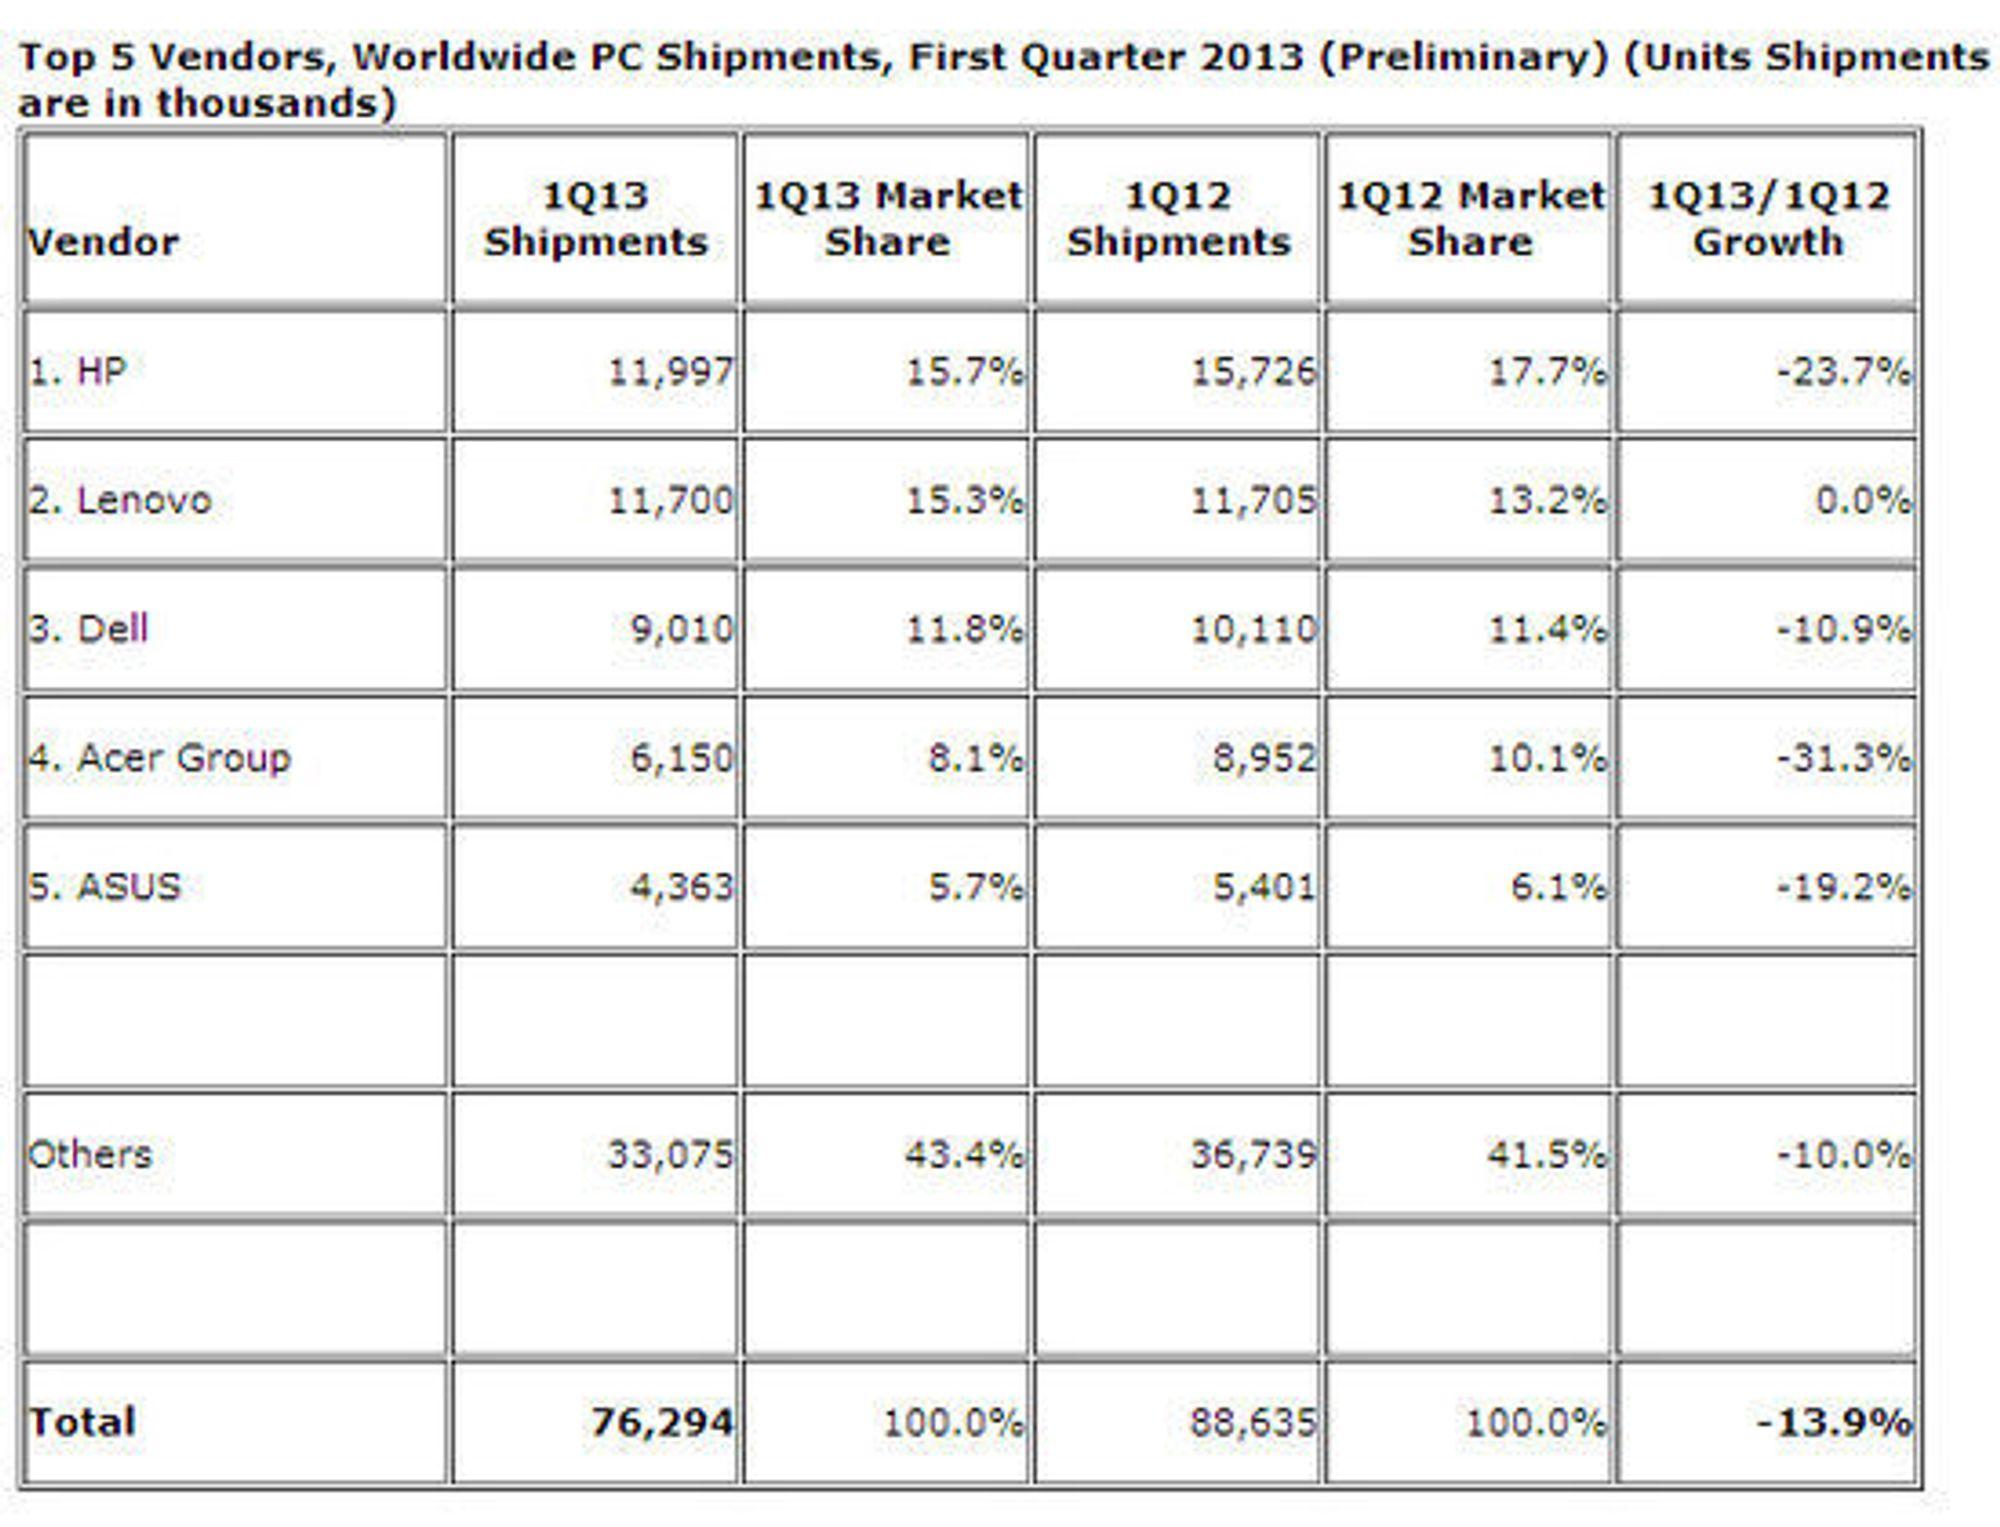 PC-markedet i første kvartal av 2013, med tall for de fem største leverandørene globalt.